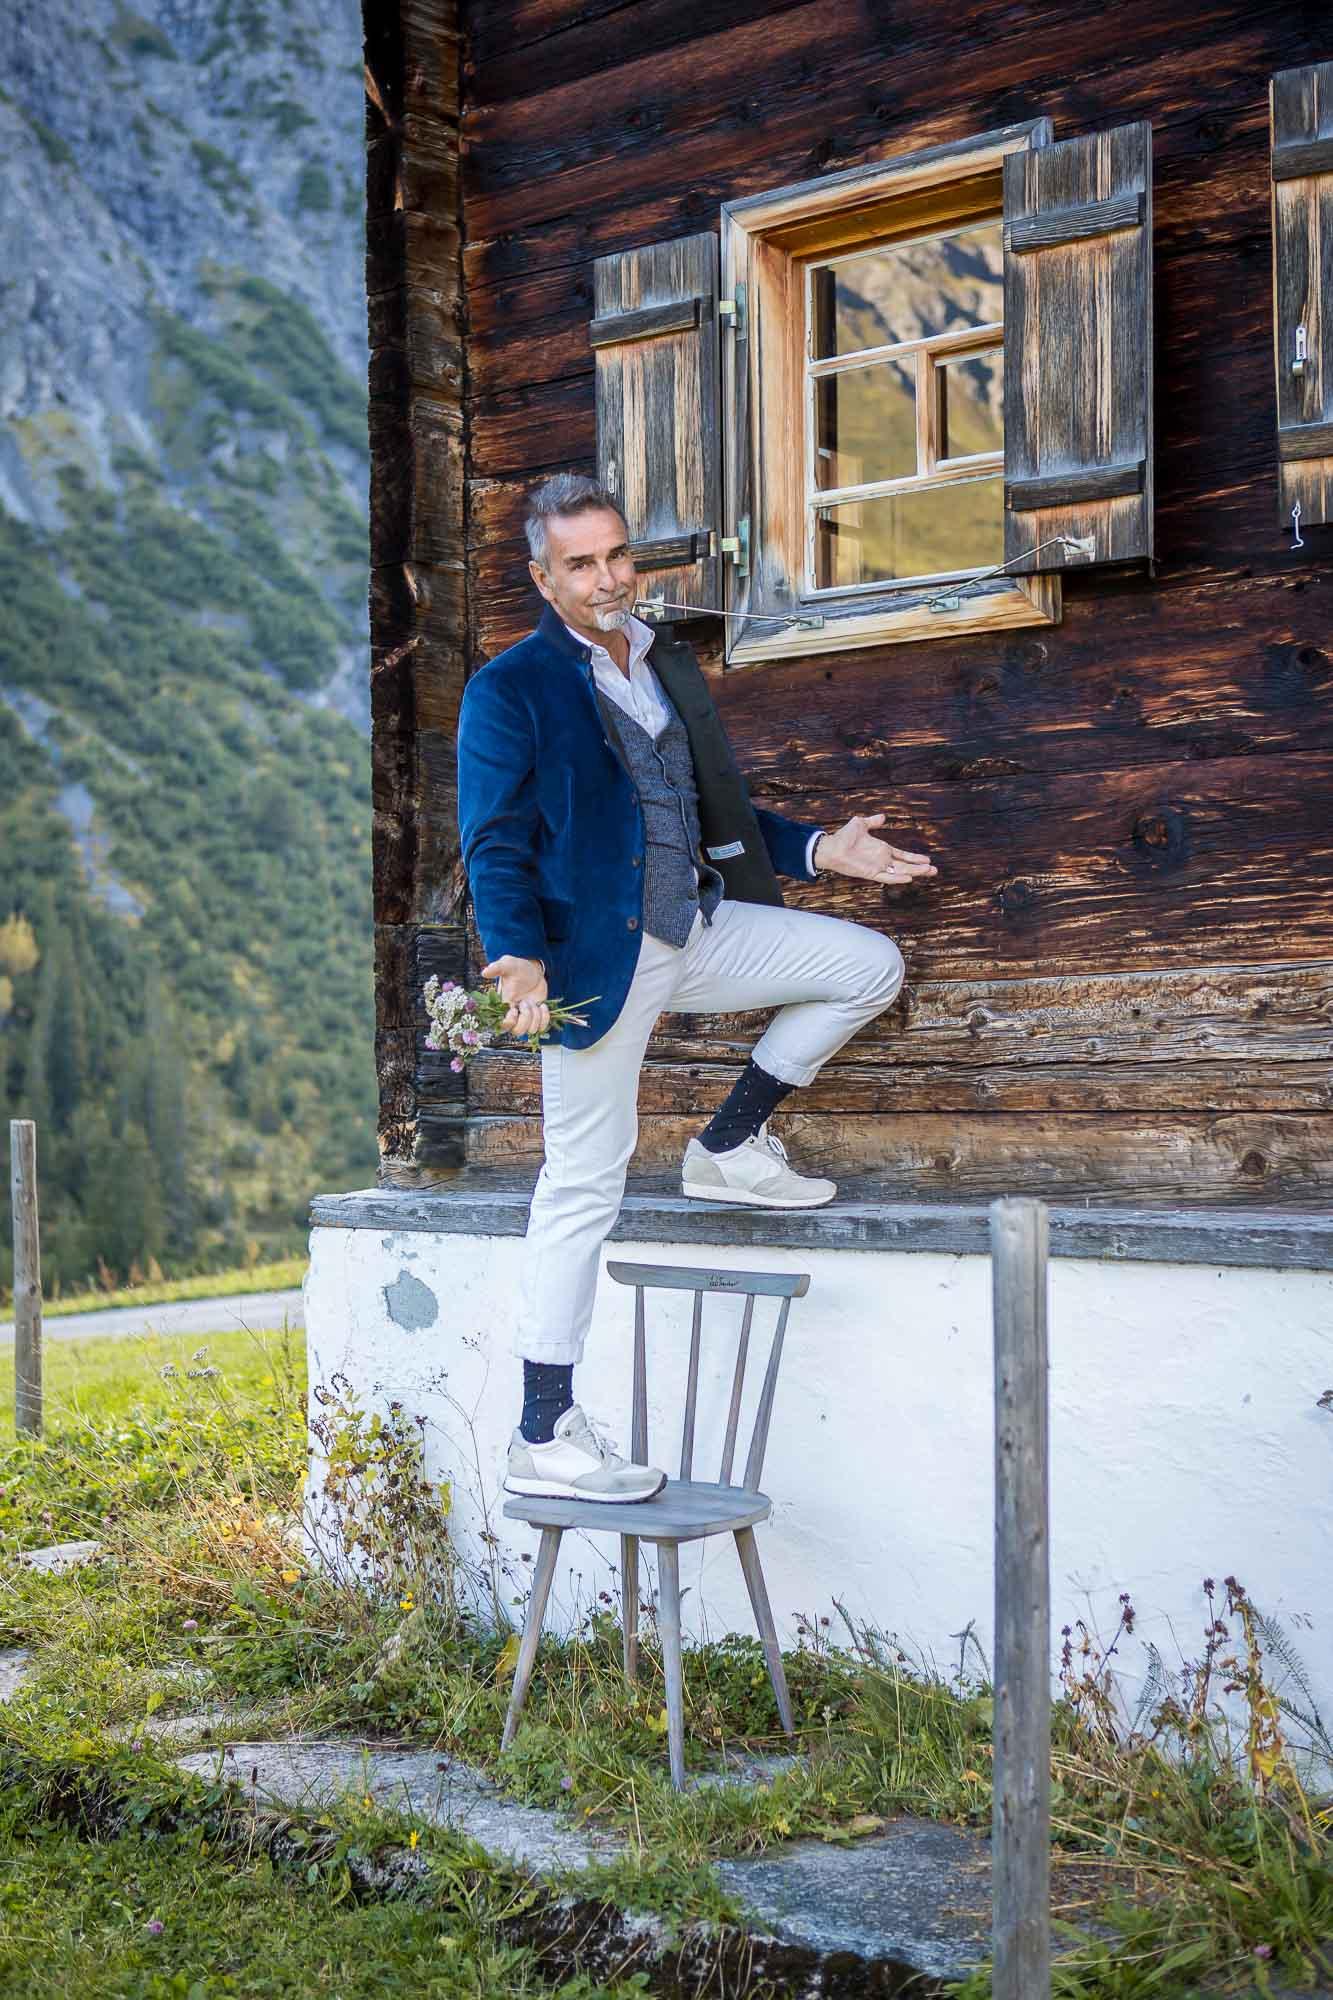 Luis Trenker Geschäftsführer Michael Klemera fotografiert von Matthias Baumgartner aus München, Augsburg, Kleinaitingen